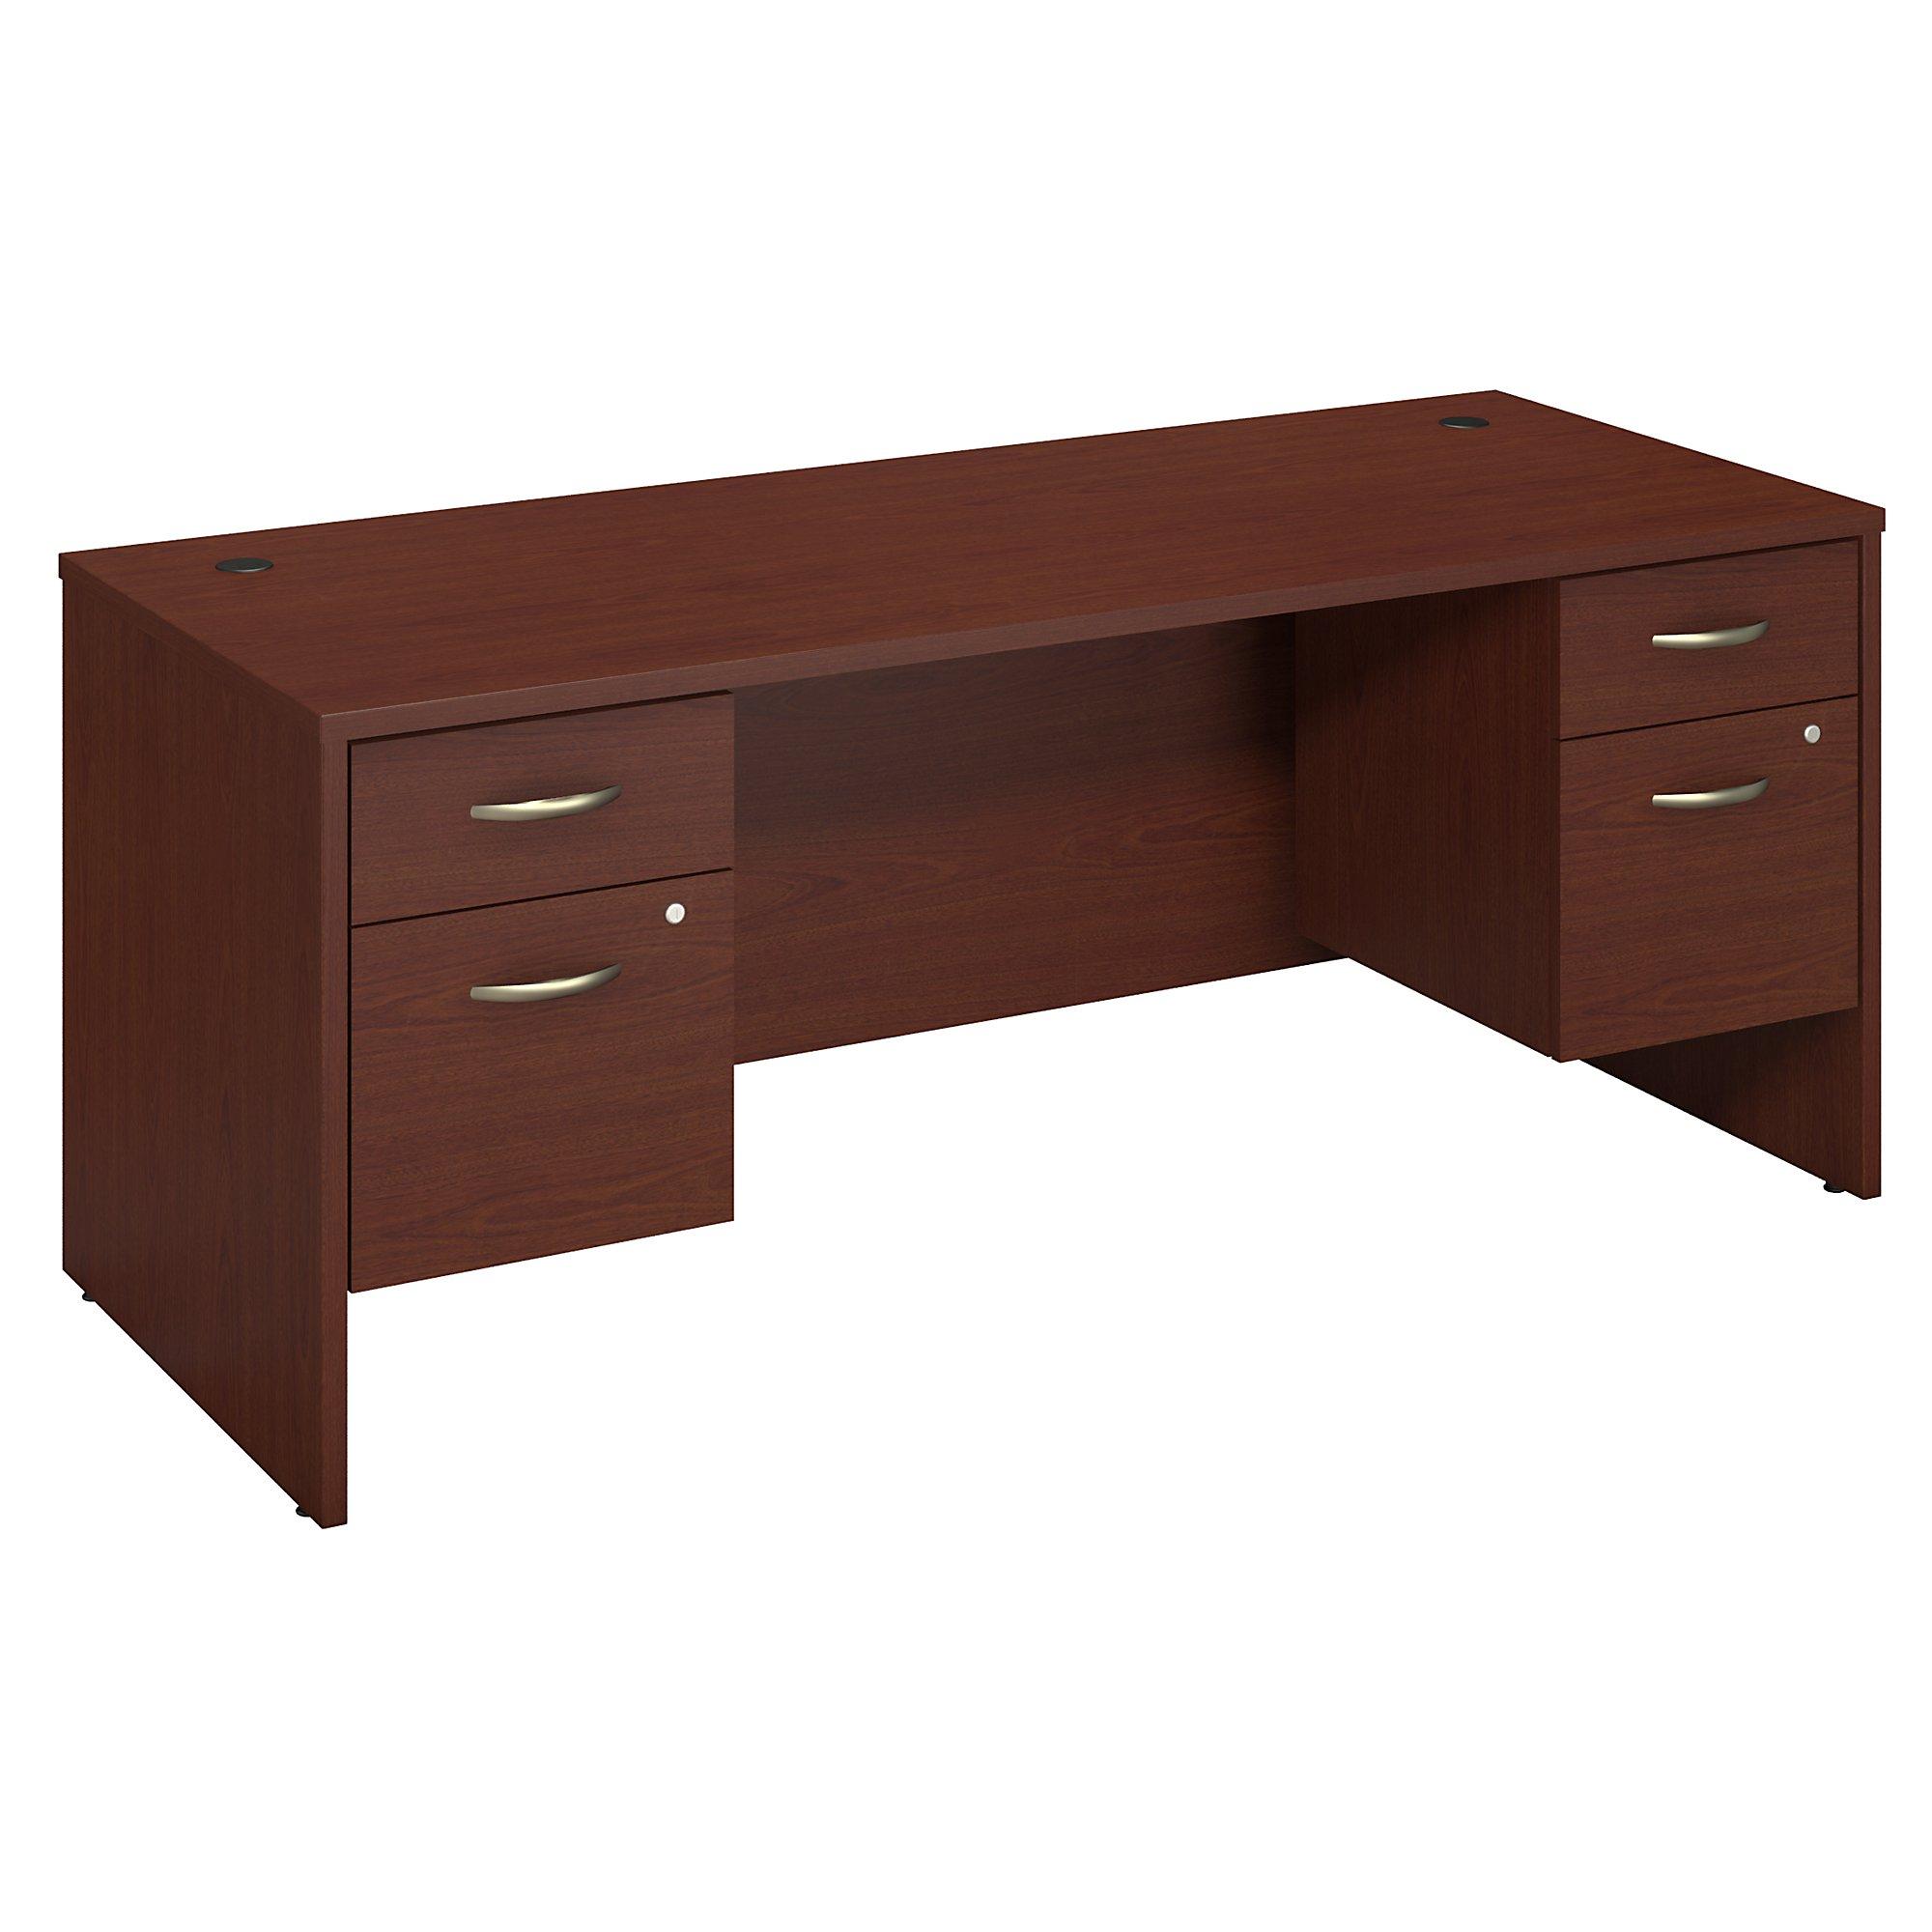 mahogany series c 72w desk with pedestals